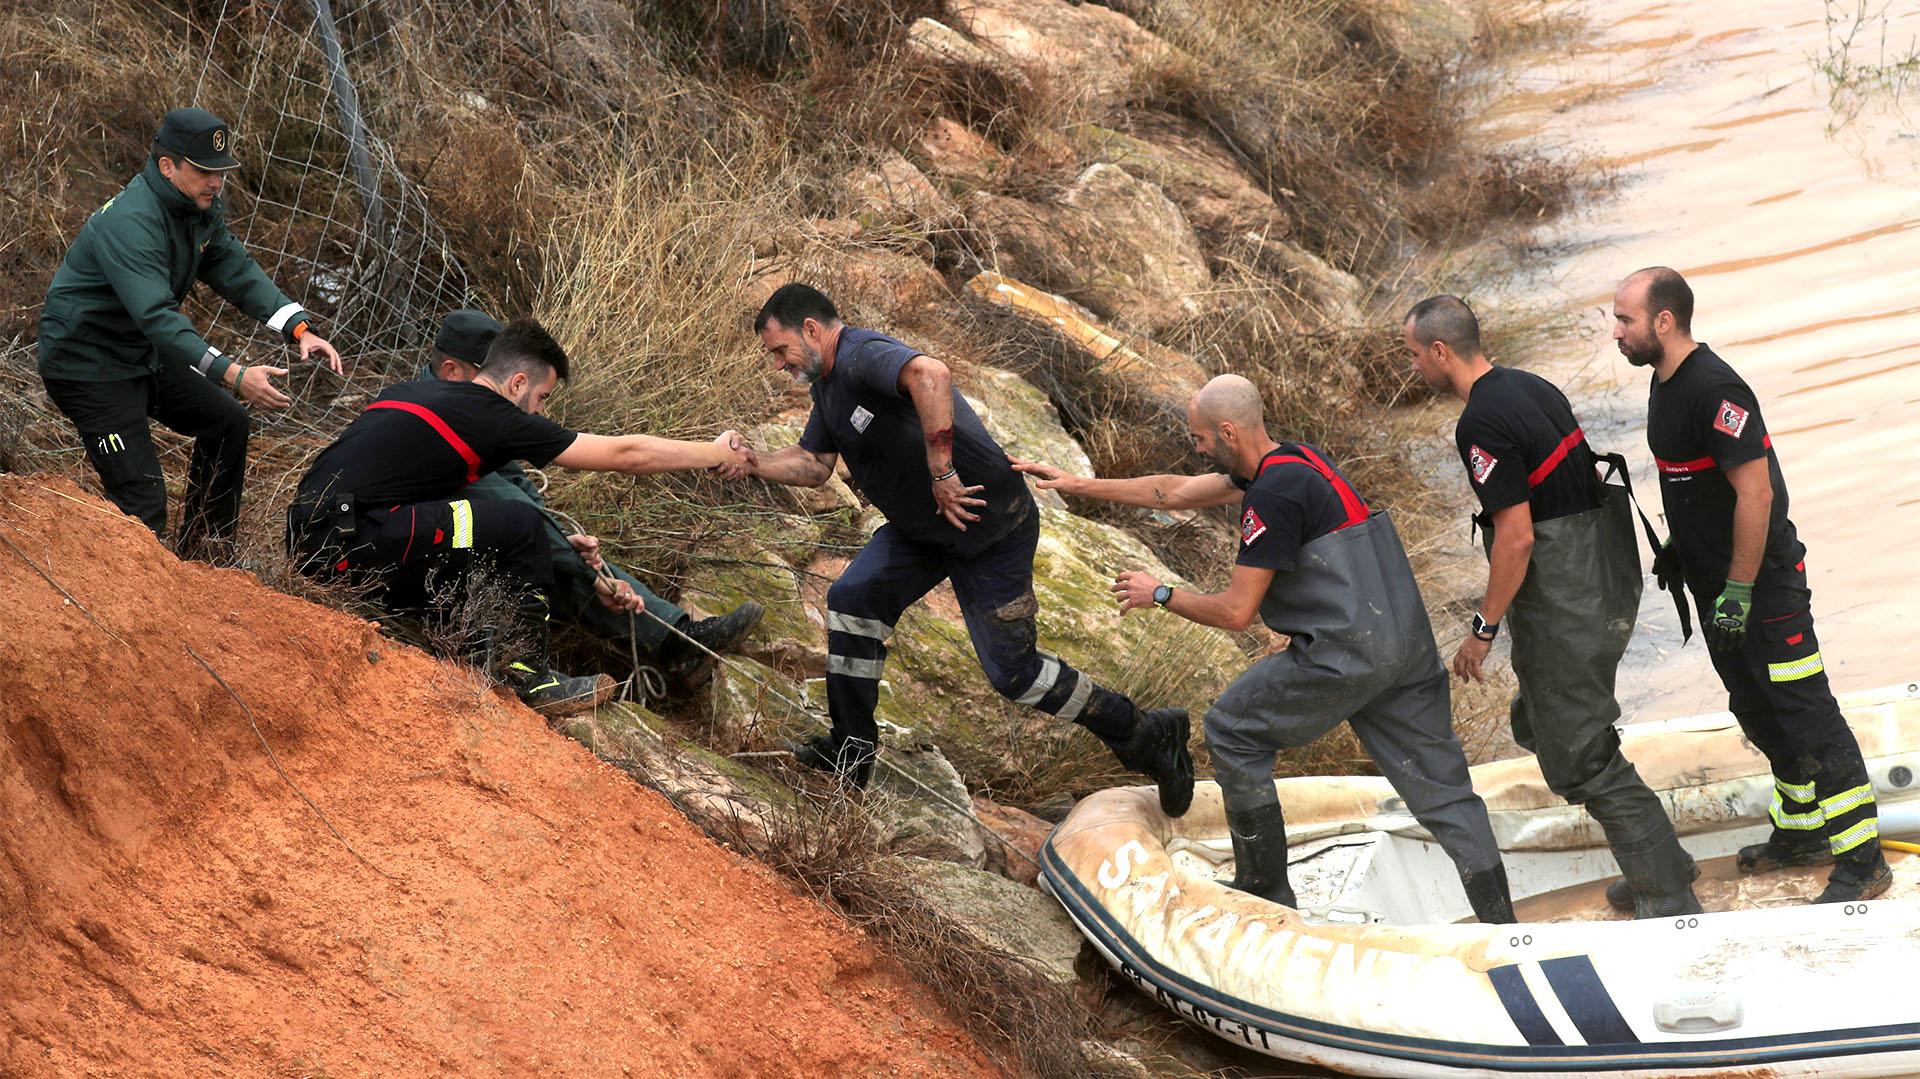 Socorristas ayudan a un hombre que quedó varado dentro de un túnel inundado tras las fuertes lluvias en Pilar de la Horadada (REUTERS/Sergio Pérez)